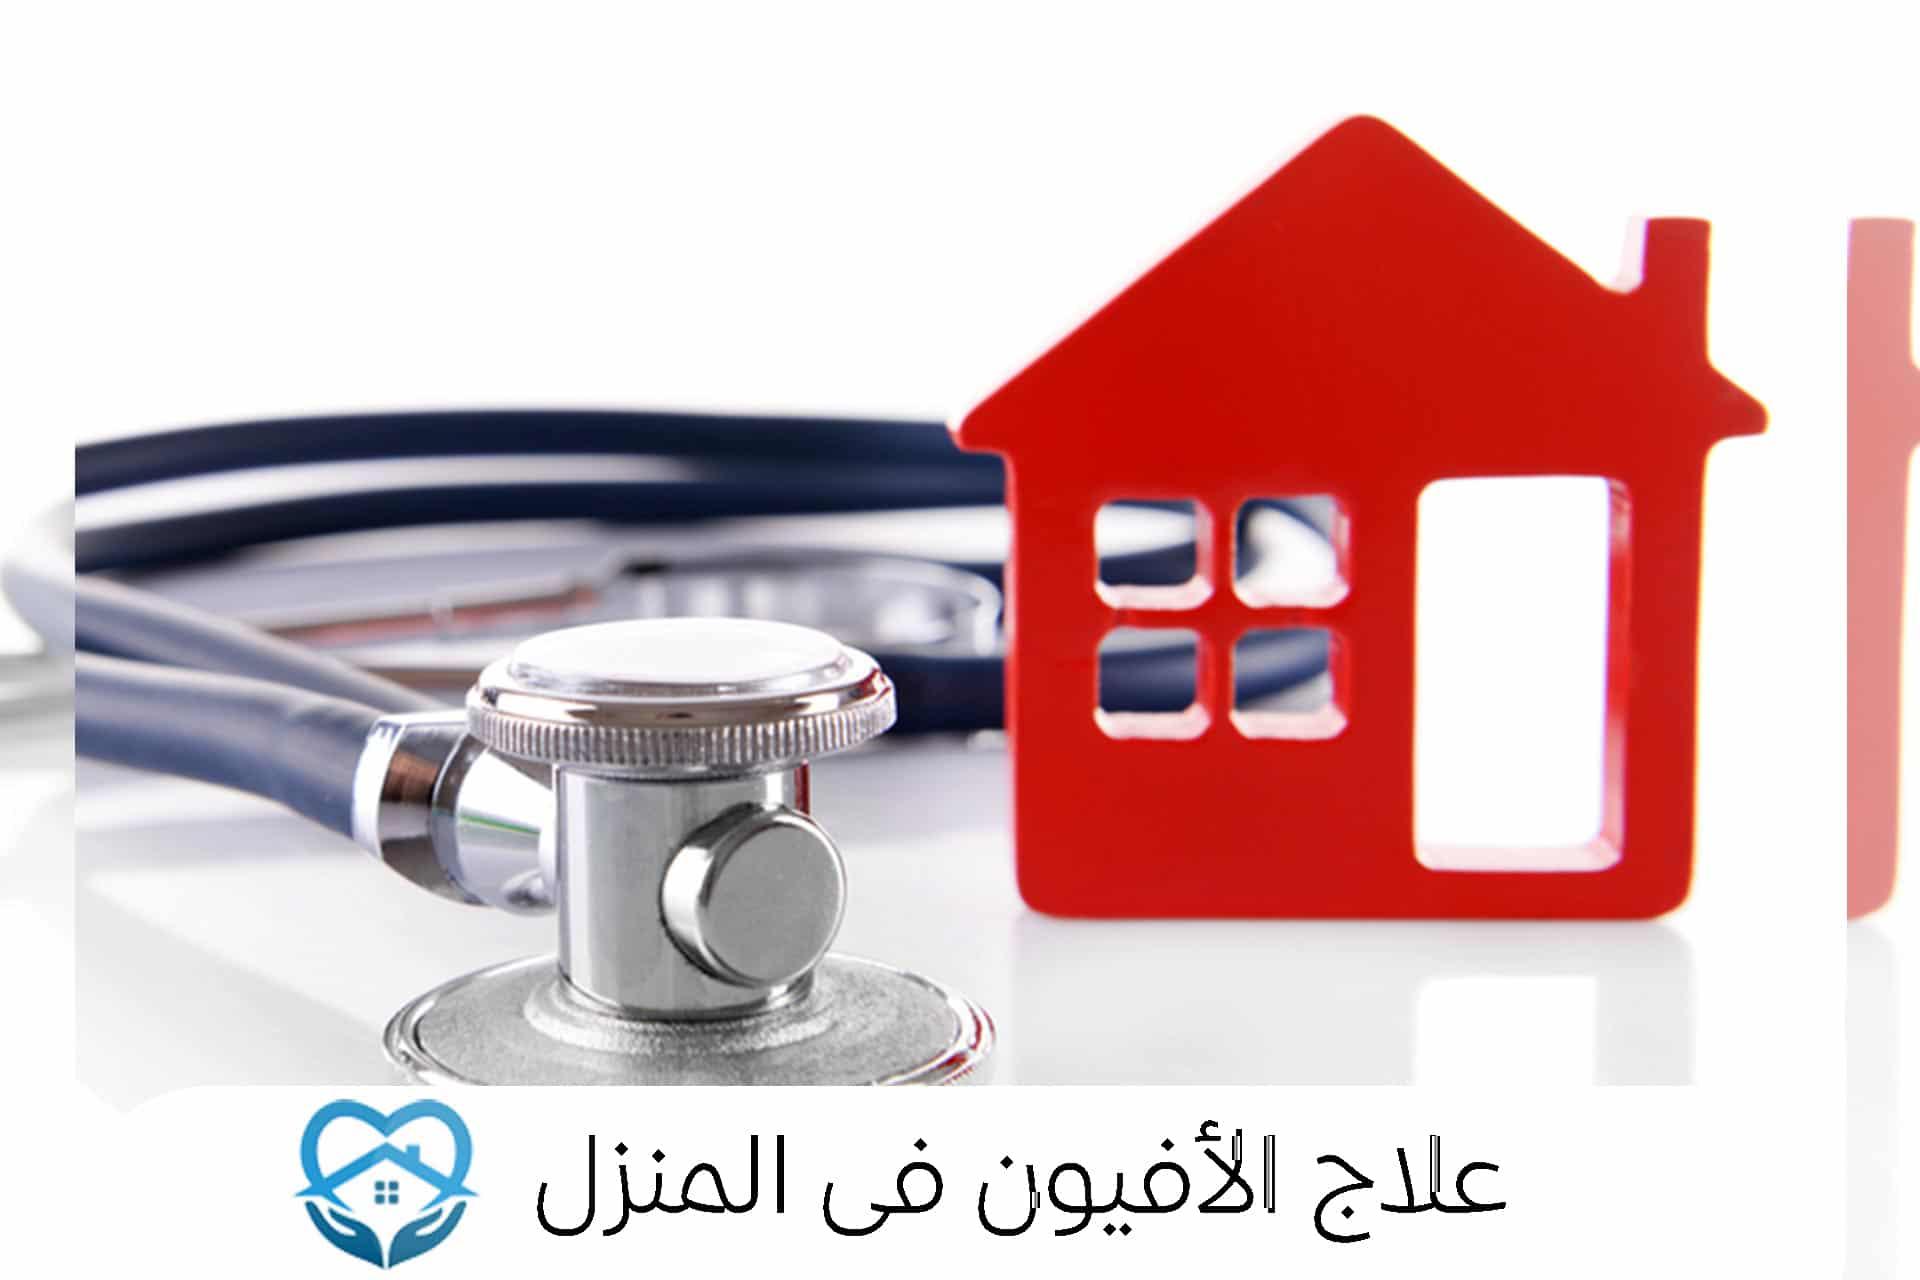 علاج الافيون في المنزل